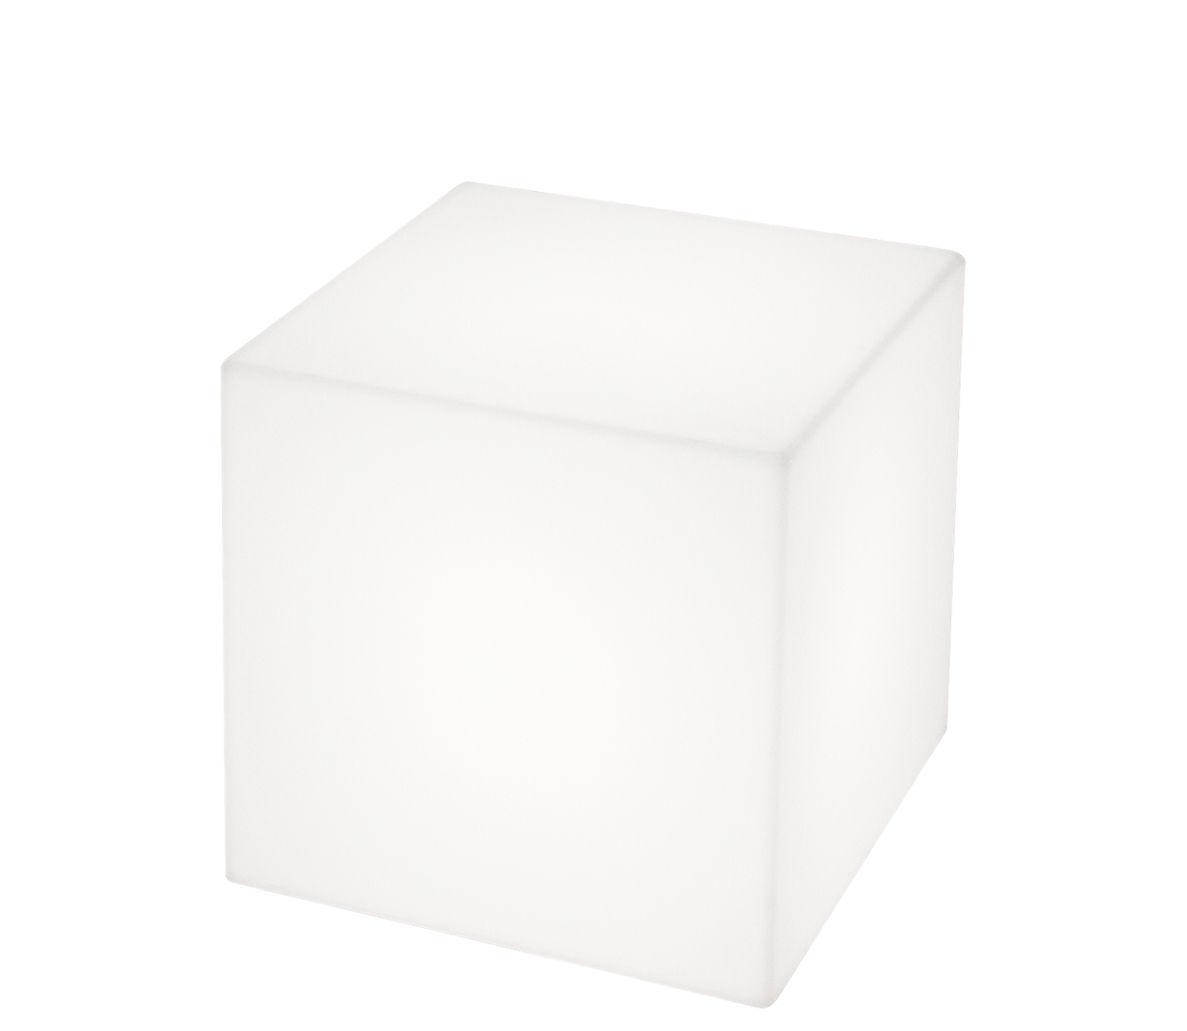 Illuminazione - Lampade da tavolo - Lampada senza fili Cubo LED RGB - 25 x 25 x 25 cm - Per l'esterno di Slide - Bianco / Esterno - 25 x 25 x 25 cm - Polietilene